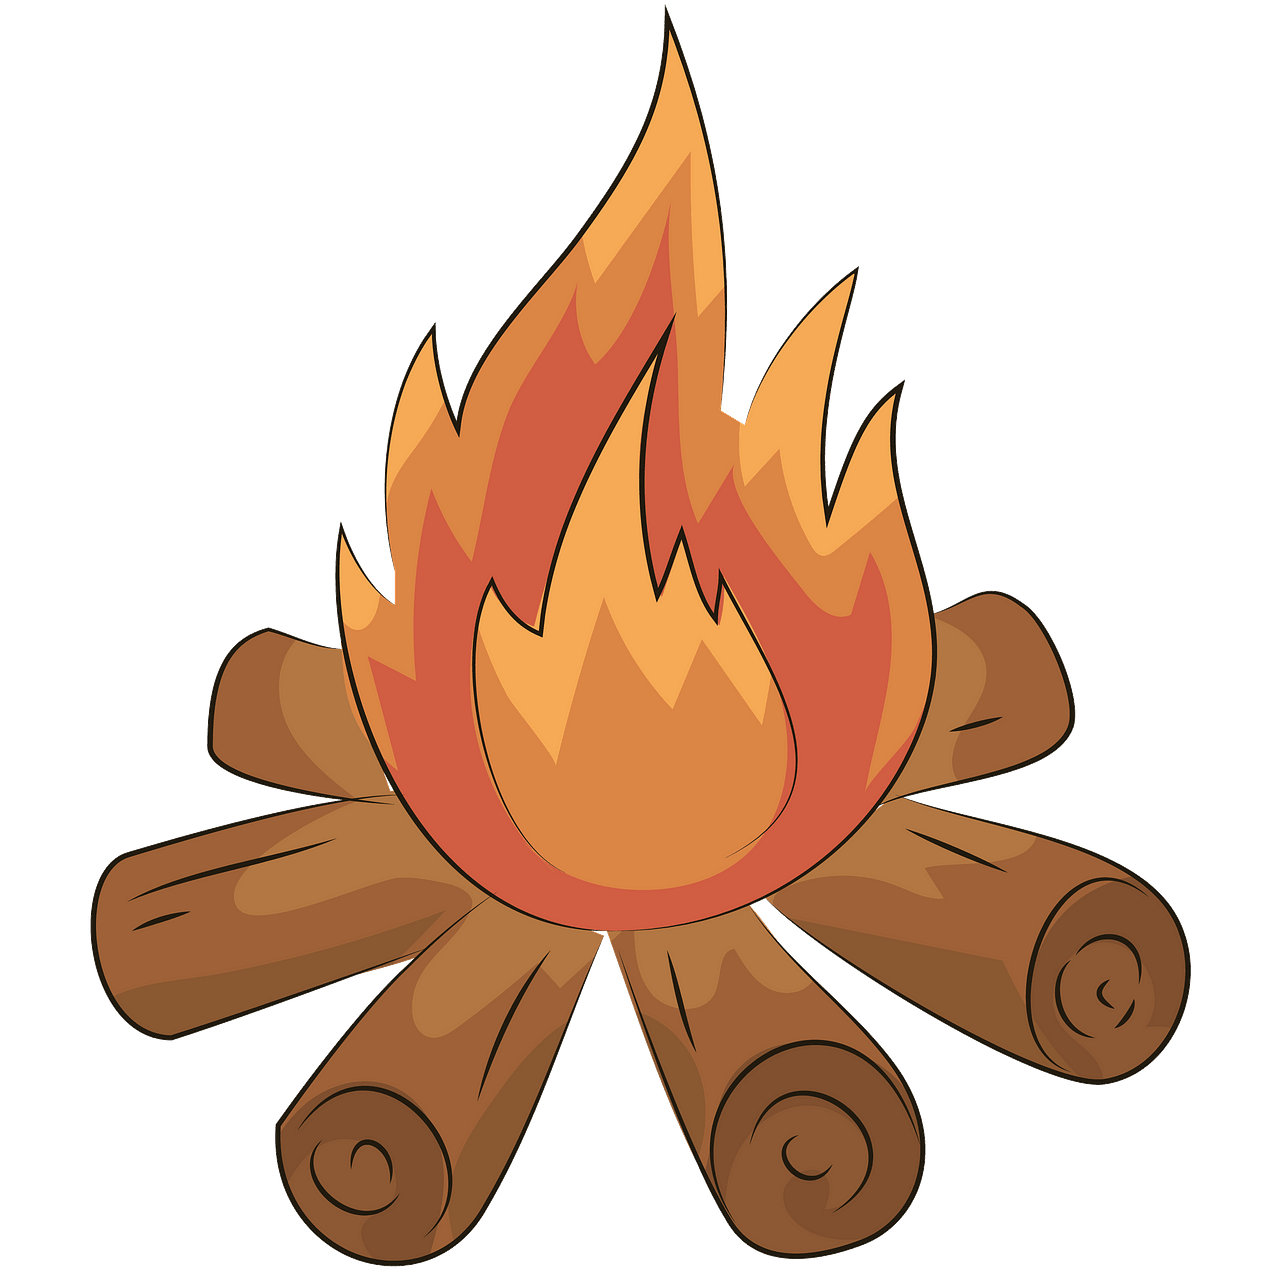 Bonfire clipart bon fire. Free download creazilla